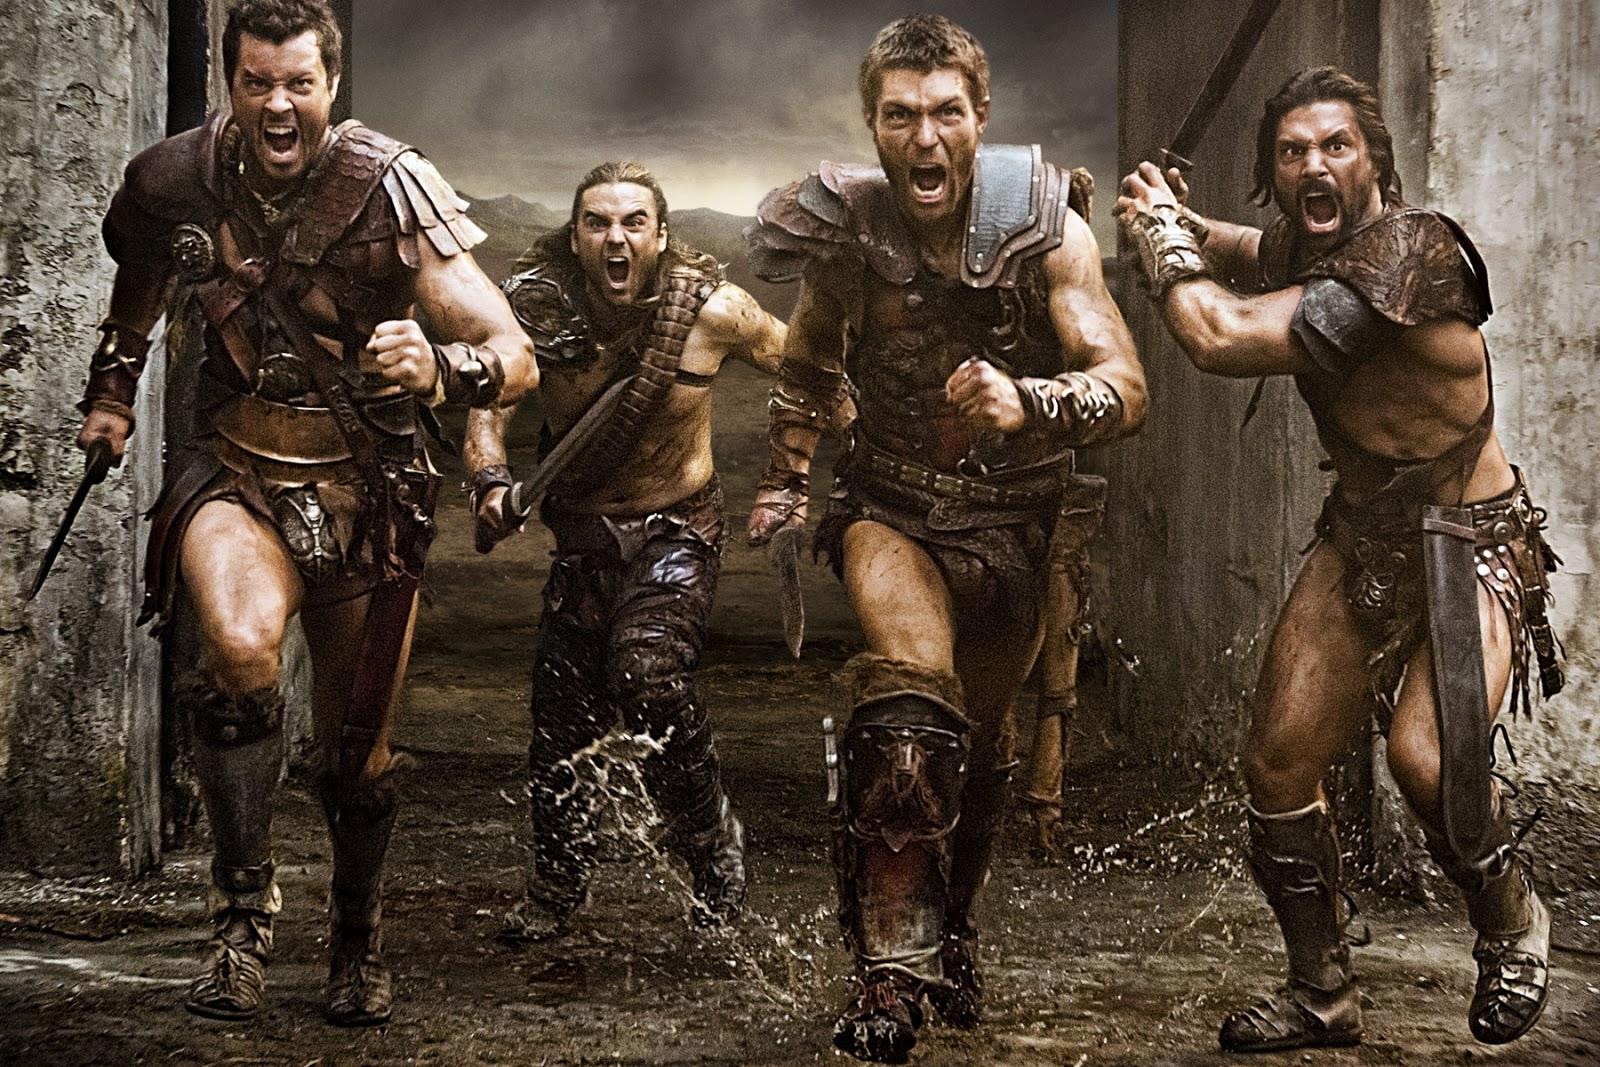 http://2.bp.blogspot.com/-fmyjoM5QnCw/UNi5kWlShiI/AAAAAAAAH0Y/iwqGl5PqigA/s1600/Dan-Feuerriegel-Agron-Dustin-Clare-Gannicus-Liam-McIntyre-SpartacusManu-Bennett-Crixus.jpg